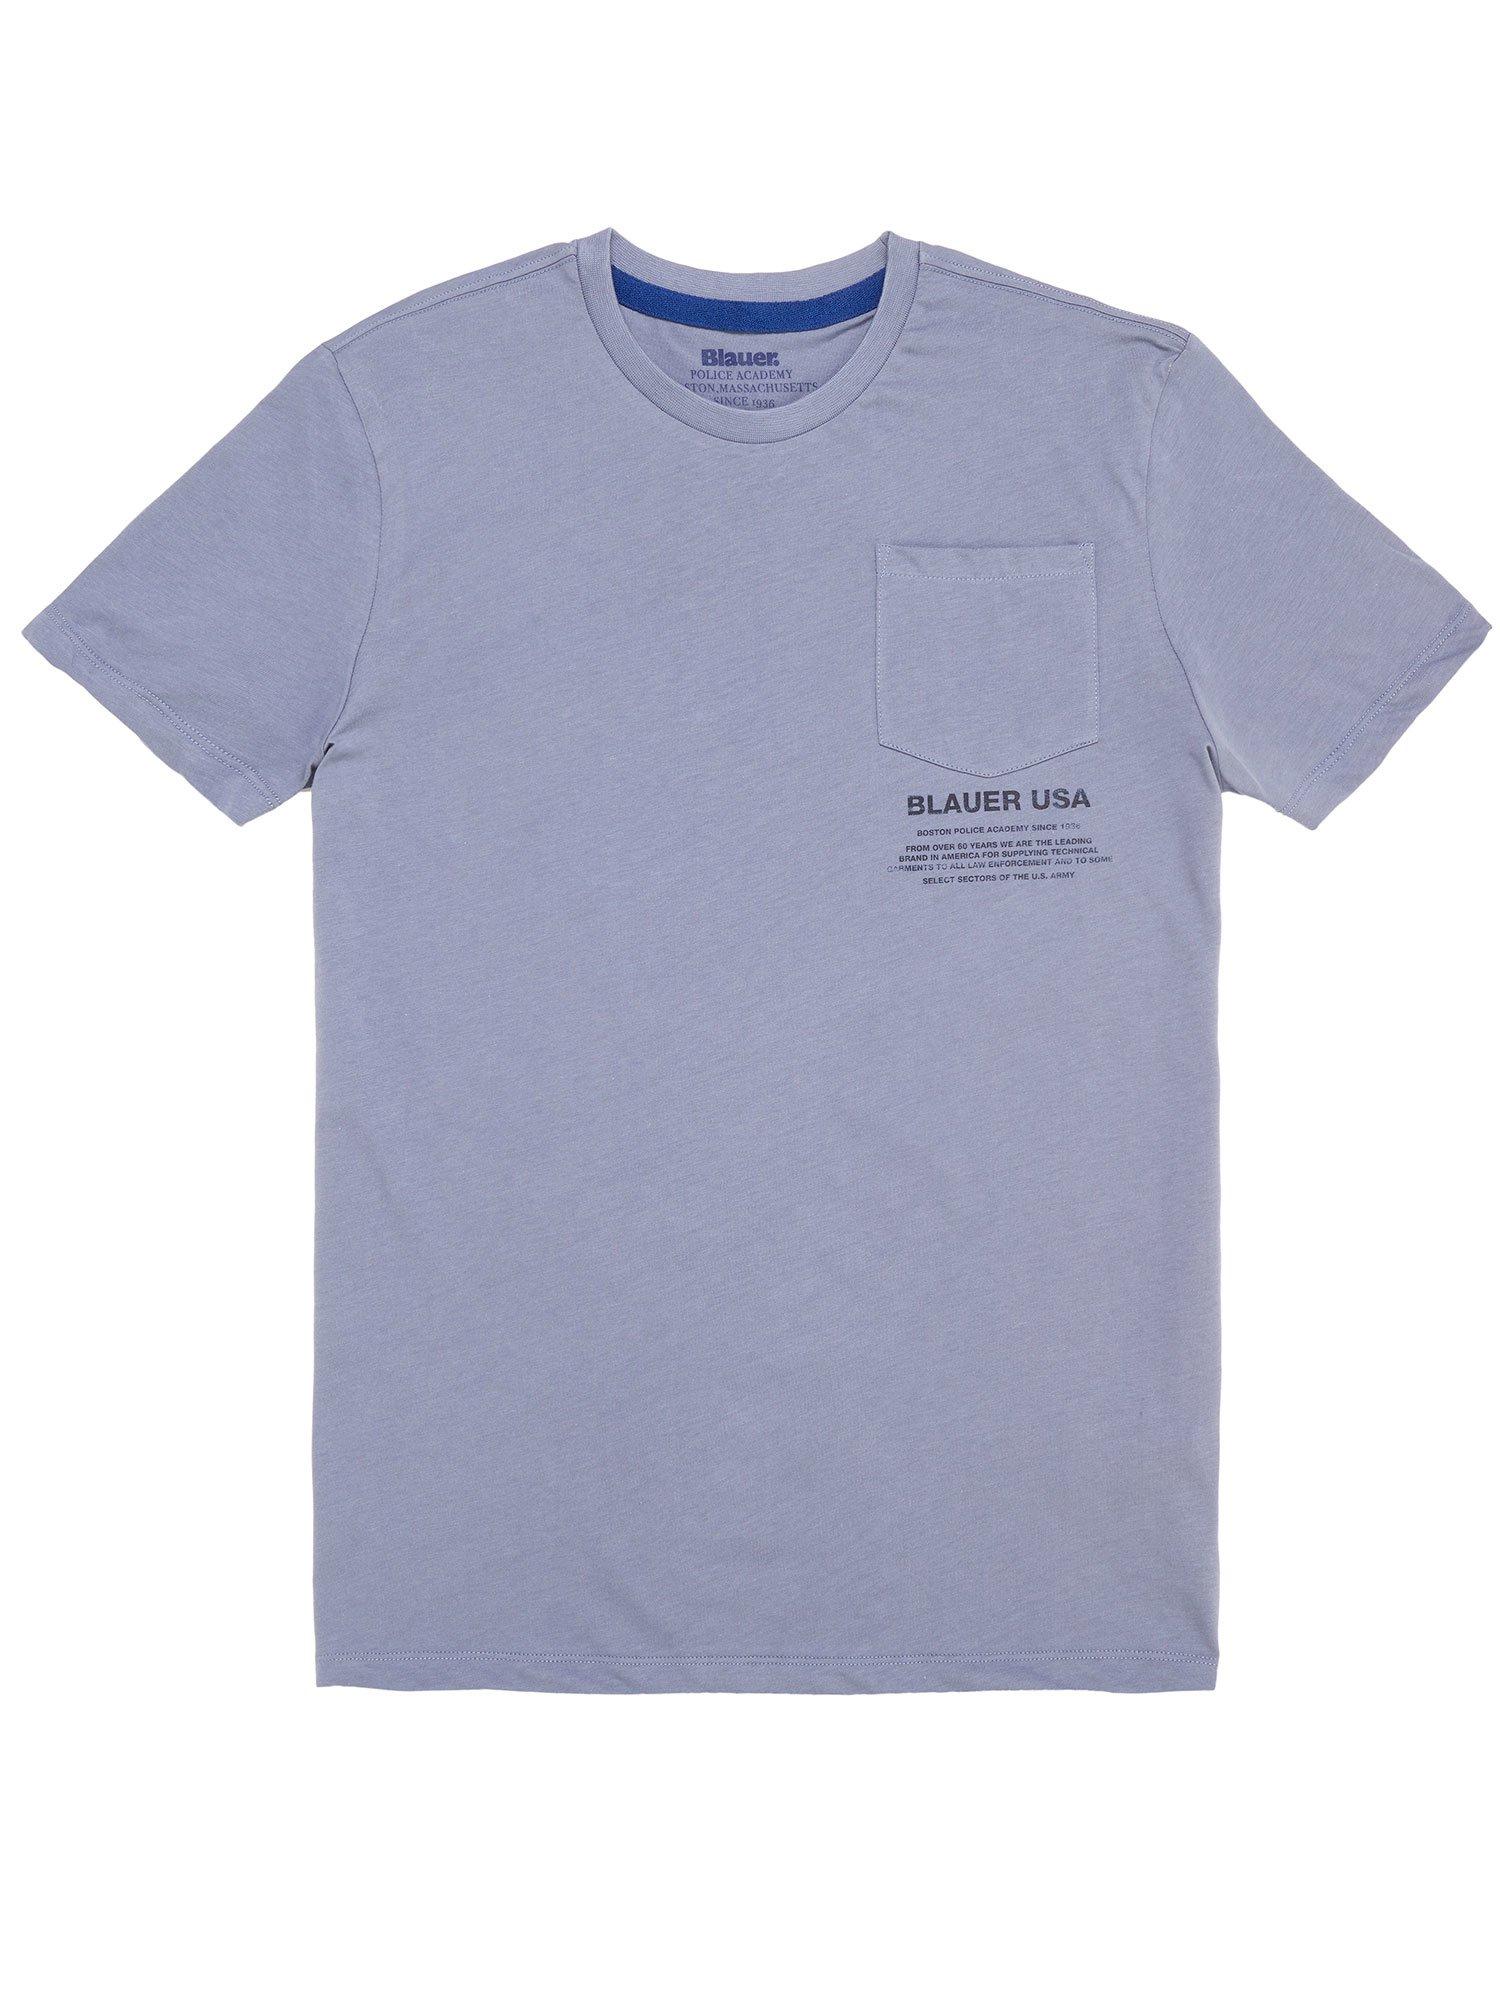 Soldes T Shirts, Polos Homme   Site Officiel de Blauer USA ® 8aefd75a031a